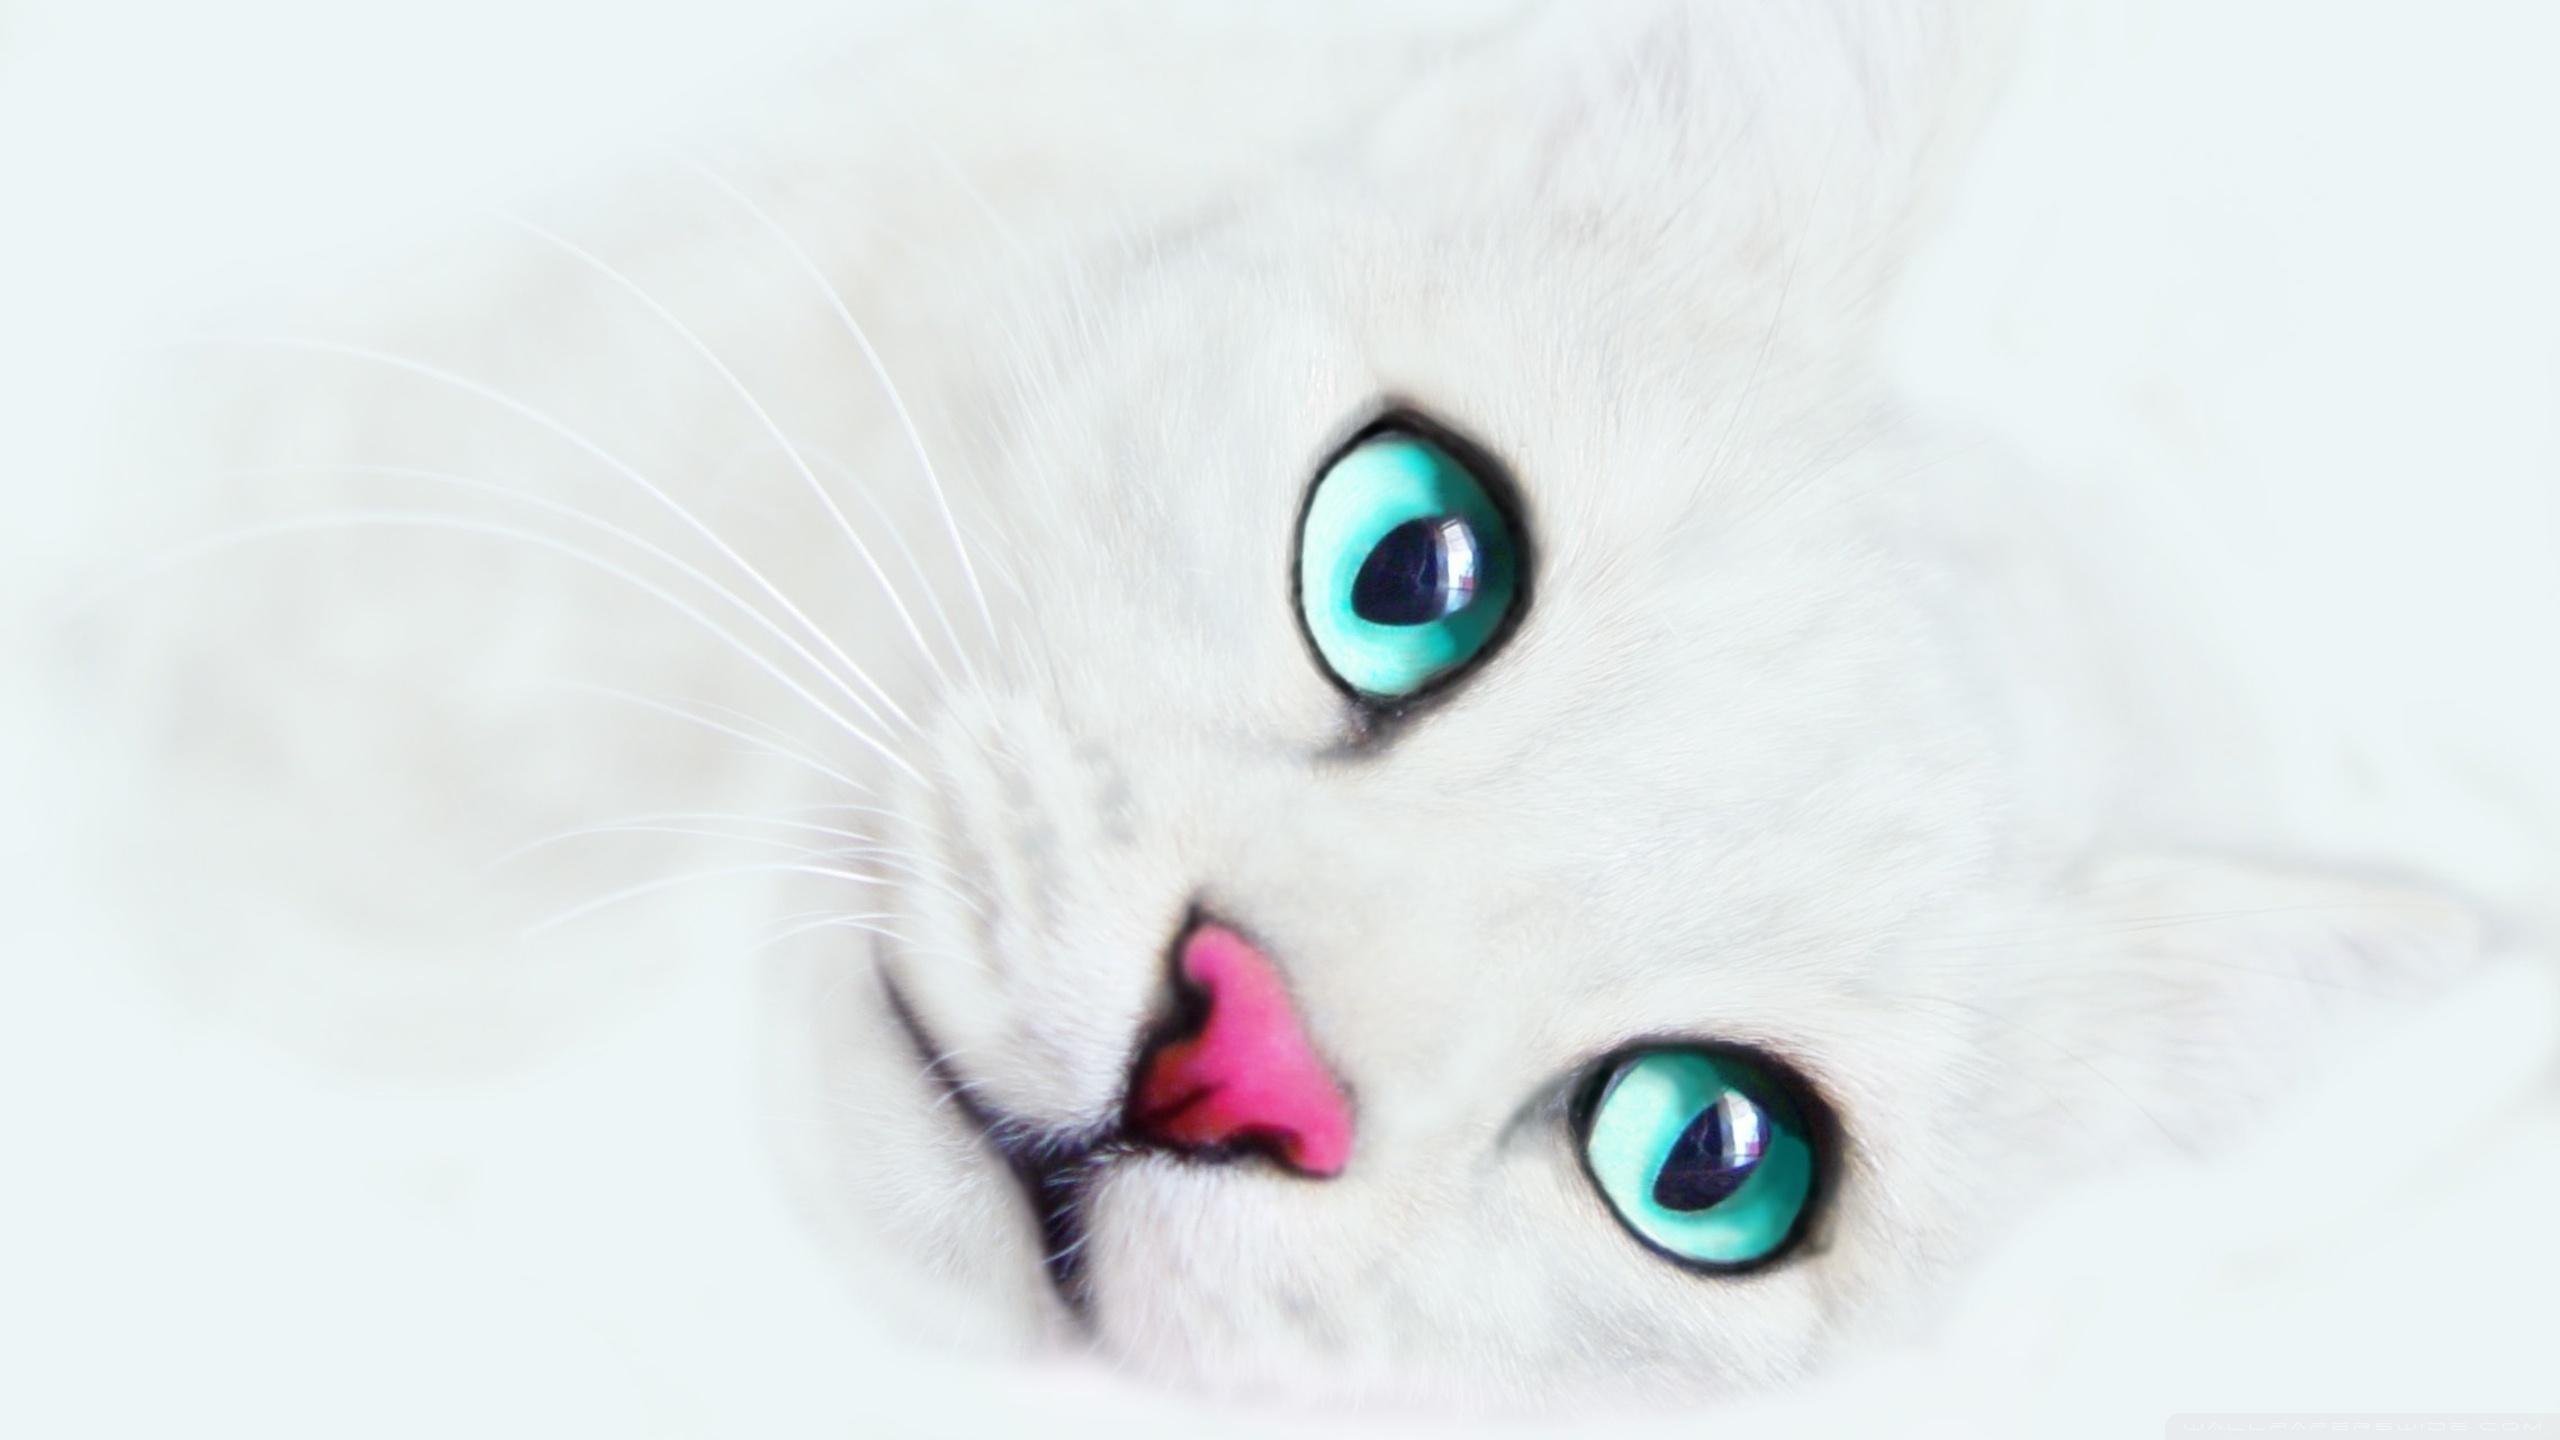 Cute Teddy Bears Wallpapers Hd White Cat Background 4k Hd Desktop Wallpaper For 4k Ultra